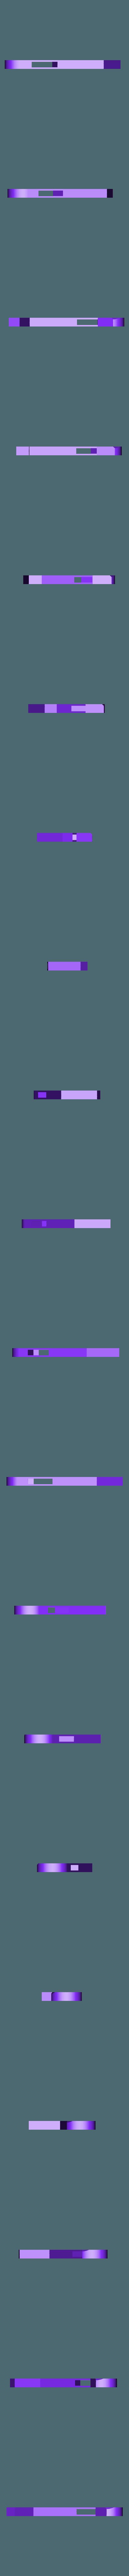 Clamp_hand.stl Télécharger fichier STL gratuit Kit de supports, de pinces et d'équipement • Modèle pour impression 3D, TinkersProjects